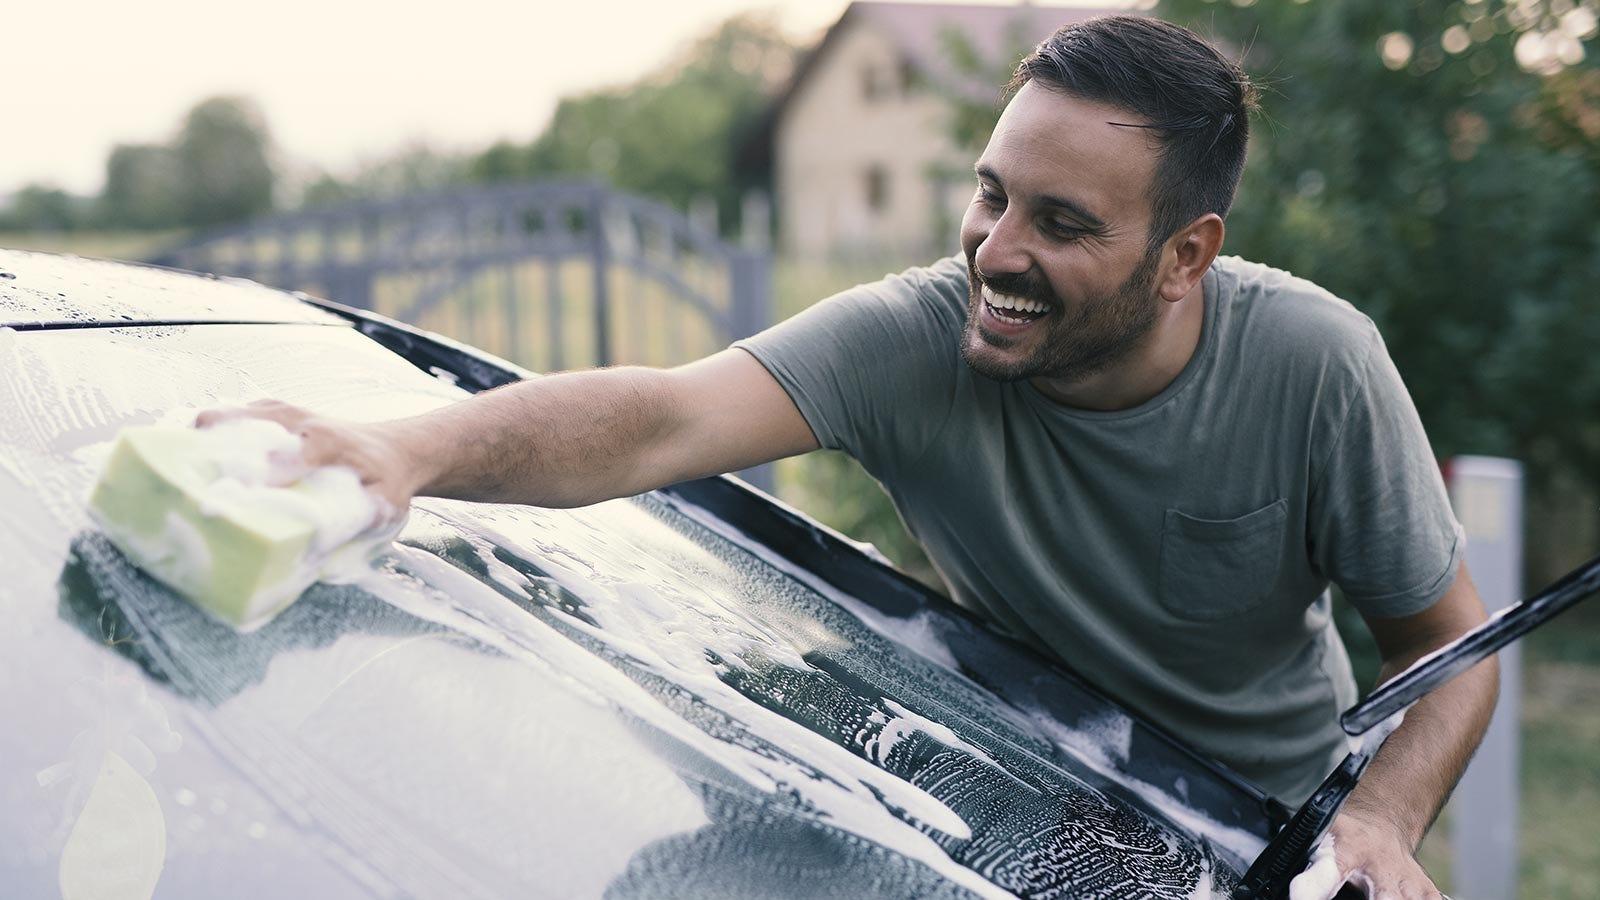 Man washing his dad's car.